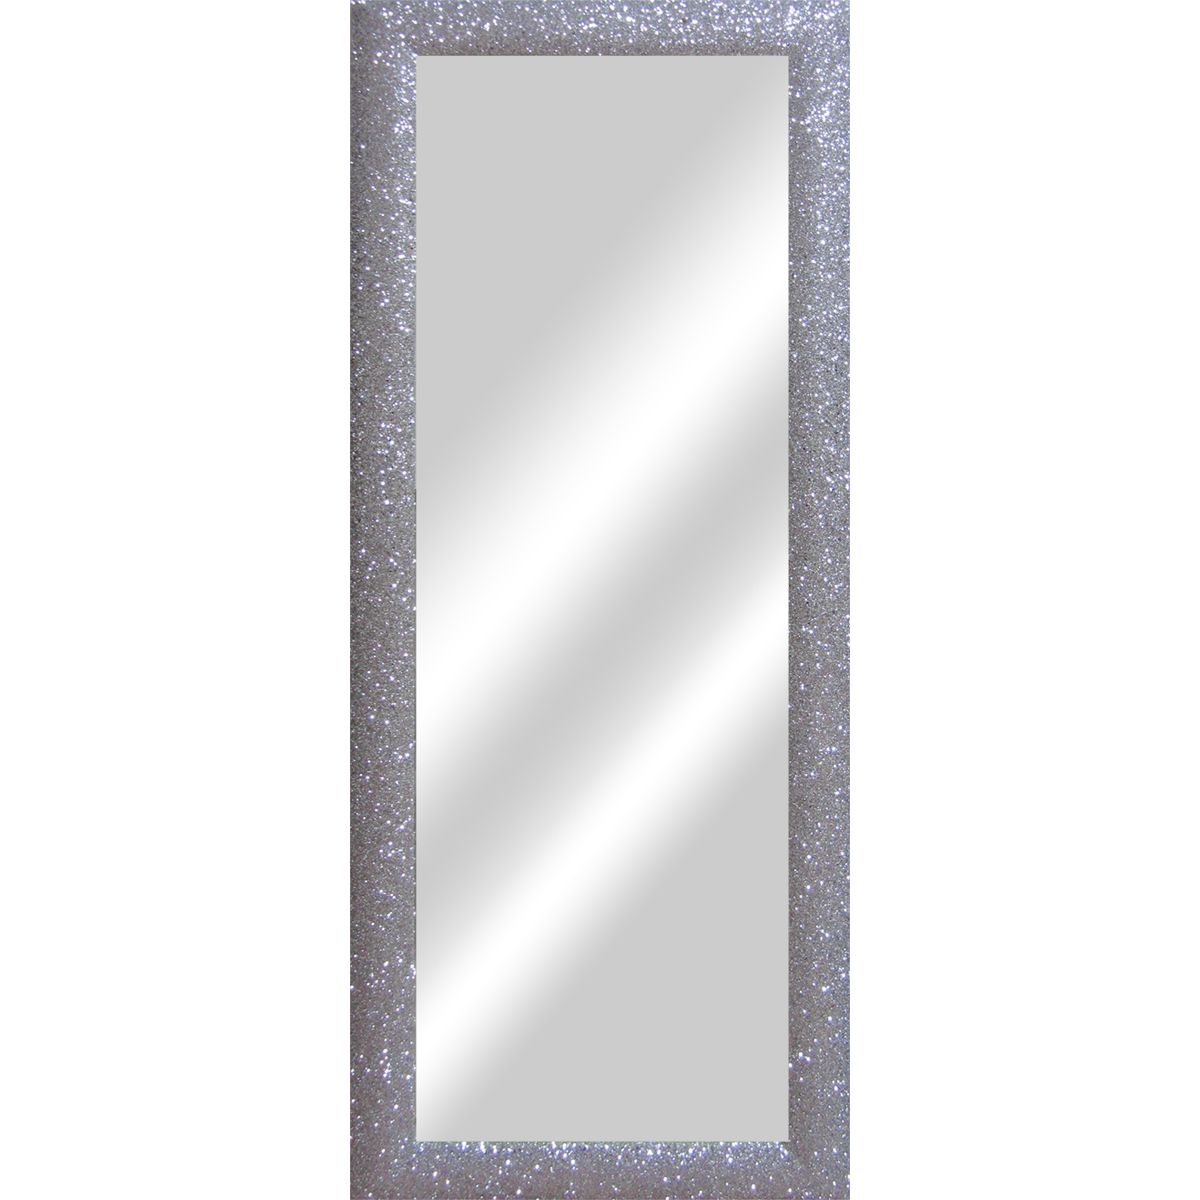 Best specchi a parete gallery - Specchi da bagno leroy merlin ...